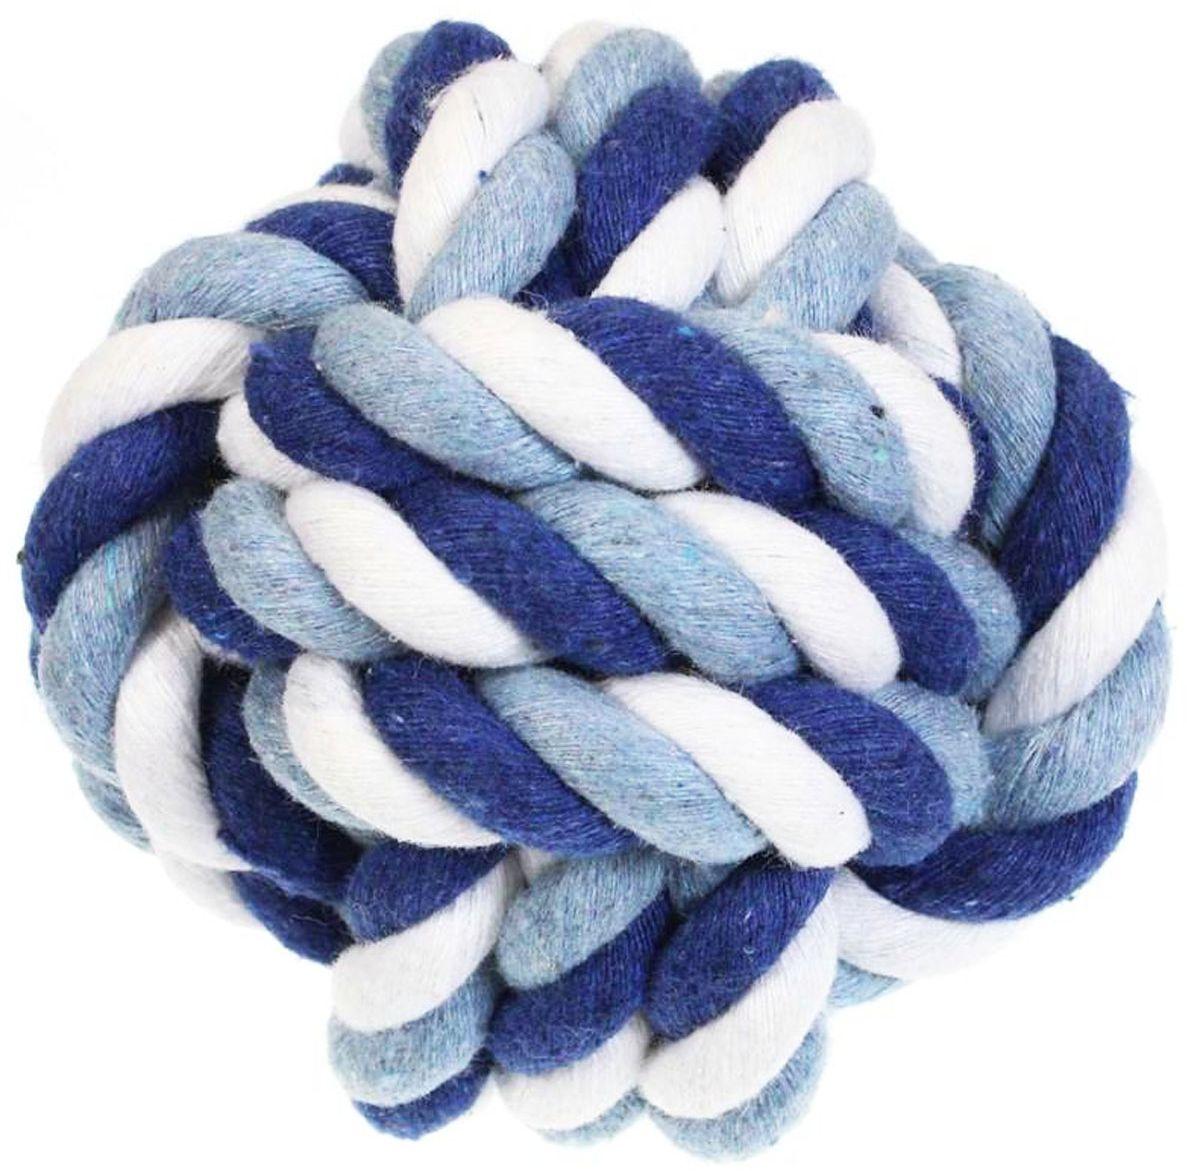 Игрушка для собак Gaffy Pet Мячик веревочный малый, цвет: голубой, 6 х 6 см11044 малый голубойОчень прочный мячик Gaffy Pet из канатных веревок прослужит вам долгое время.Выполнен в ярких цветах. 100% хлопок.